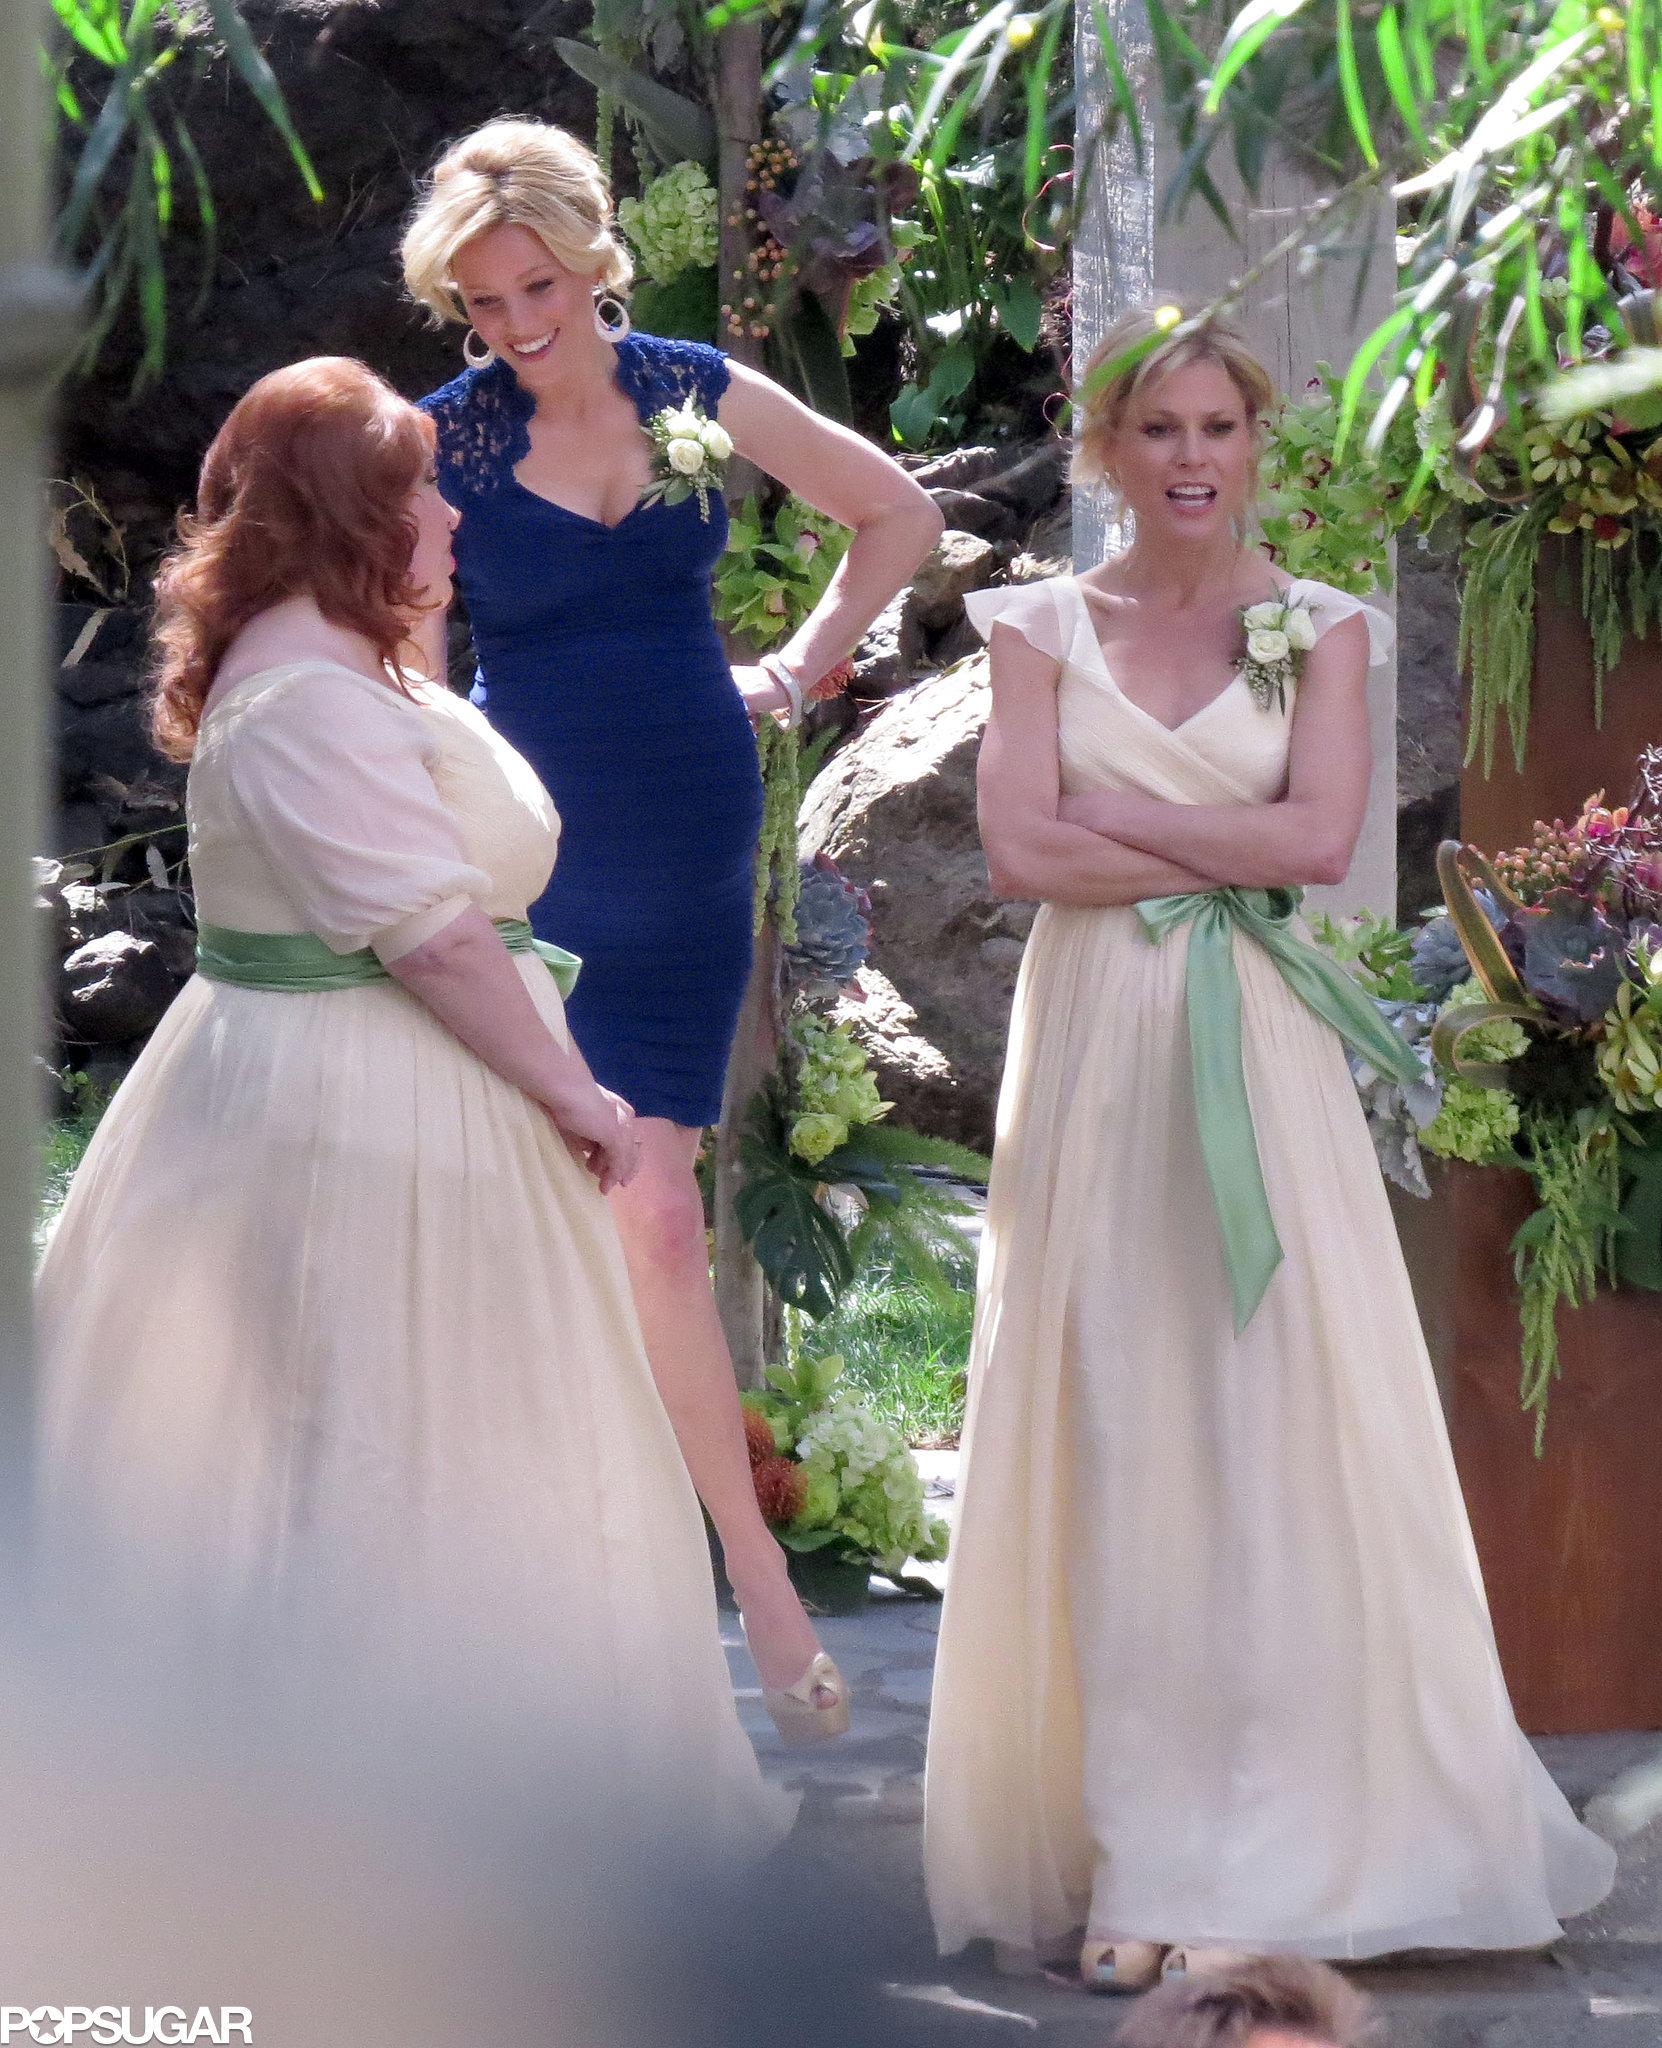 Classic bridesmaid dresses.